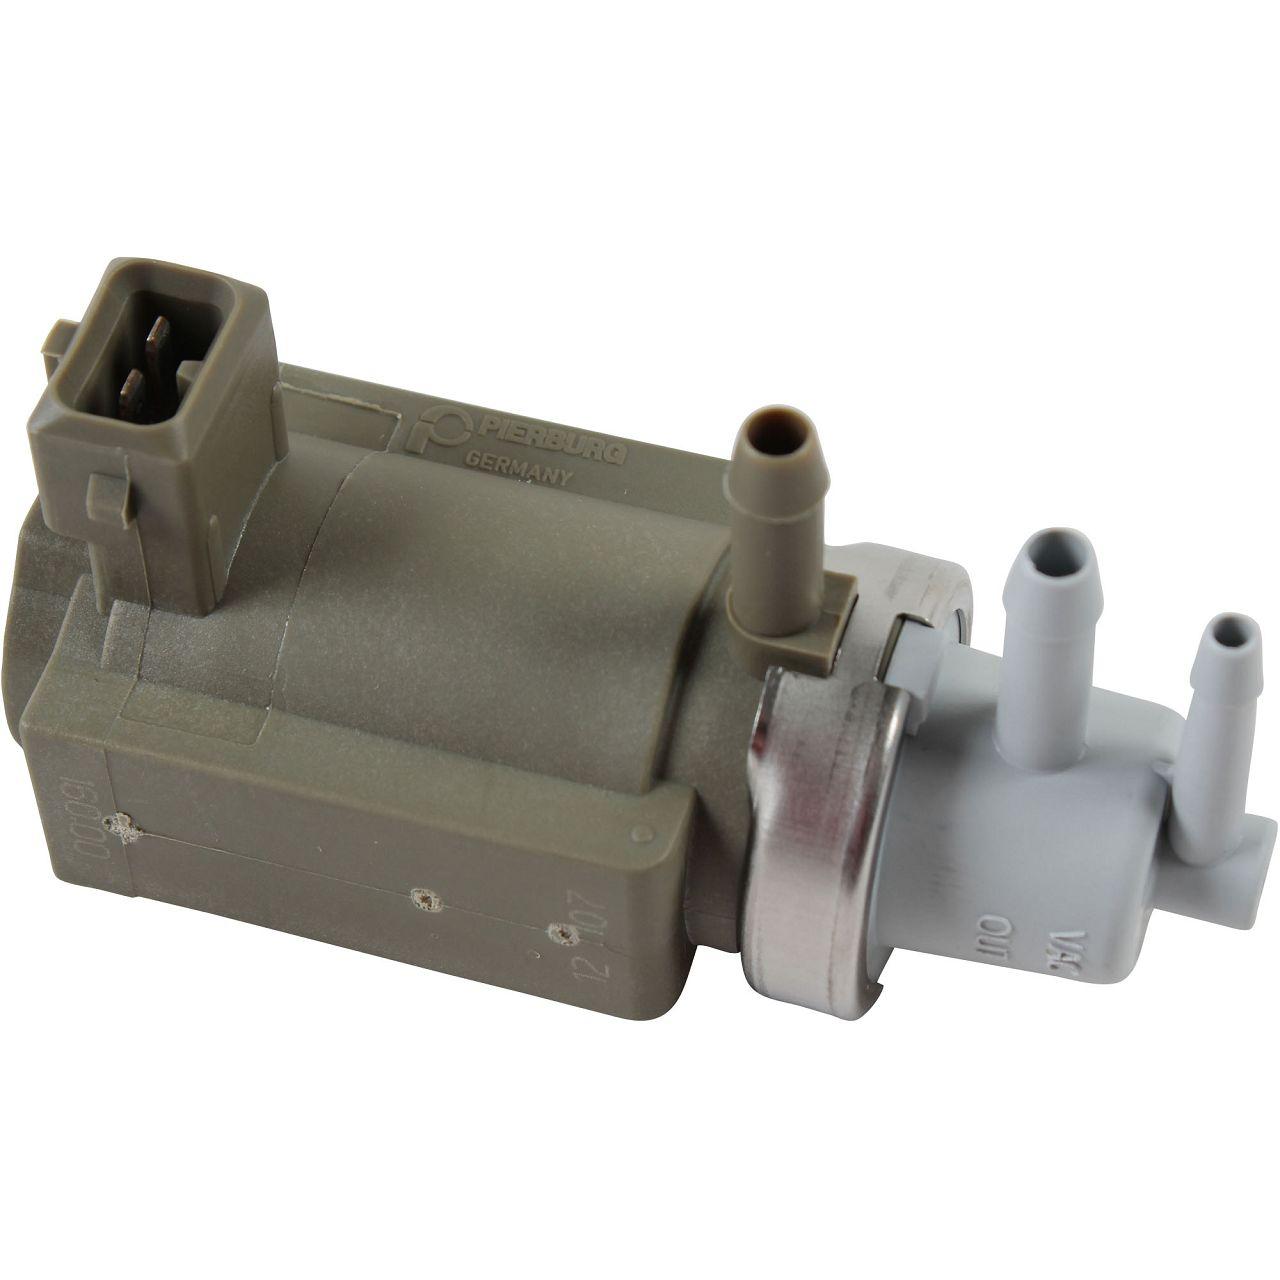 PIERBURG Druckwandler Magnetventil Turbolader für AUDI A8 2.5 TDI 150/180 PS